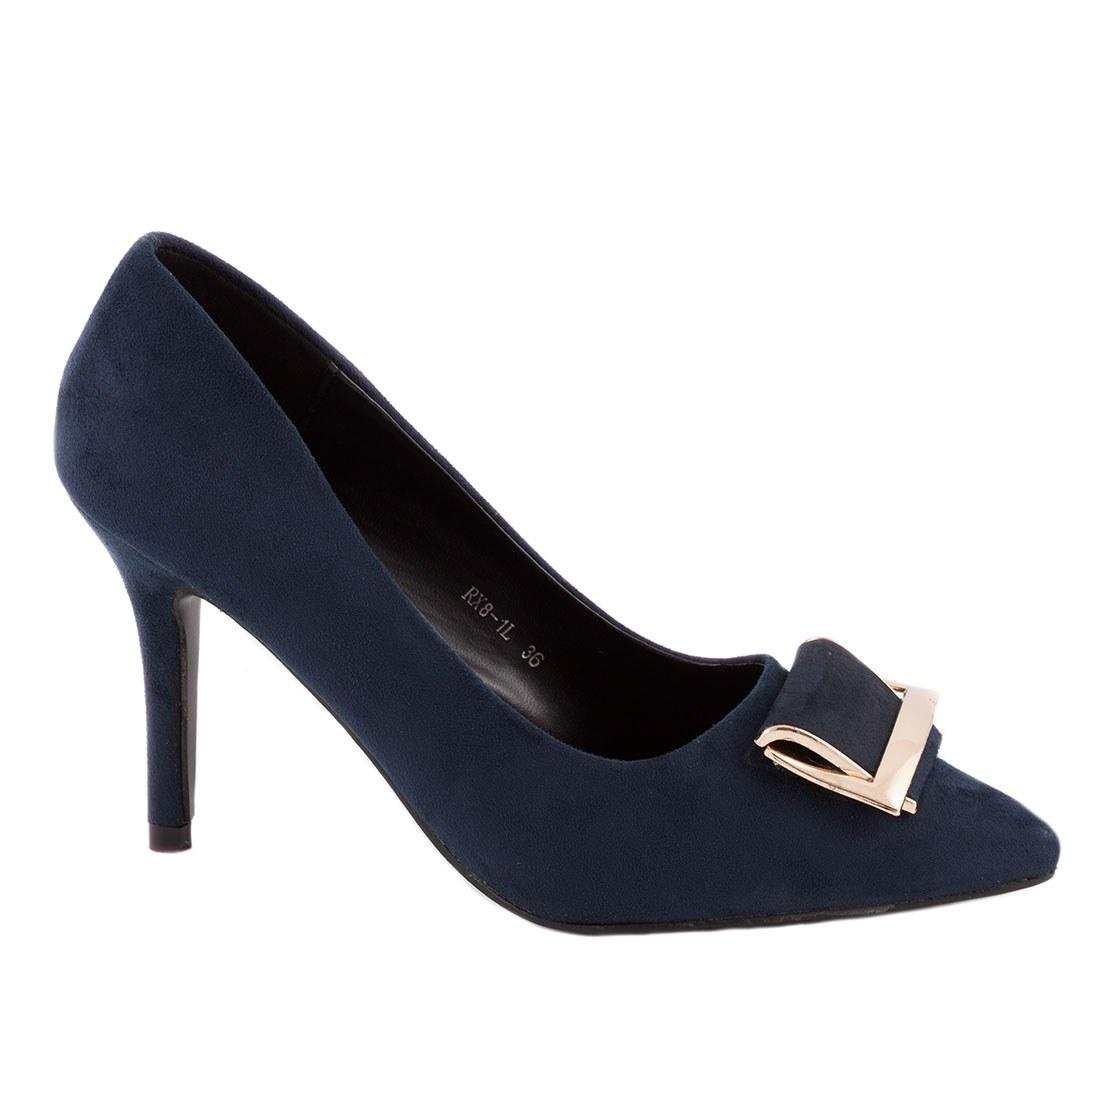 Pantofi dama cu accesoriu auriu RX8-1L-NAVY